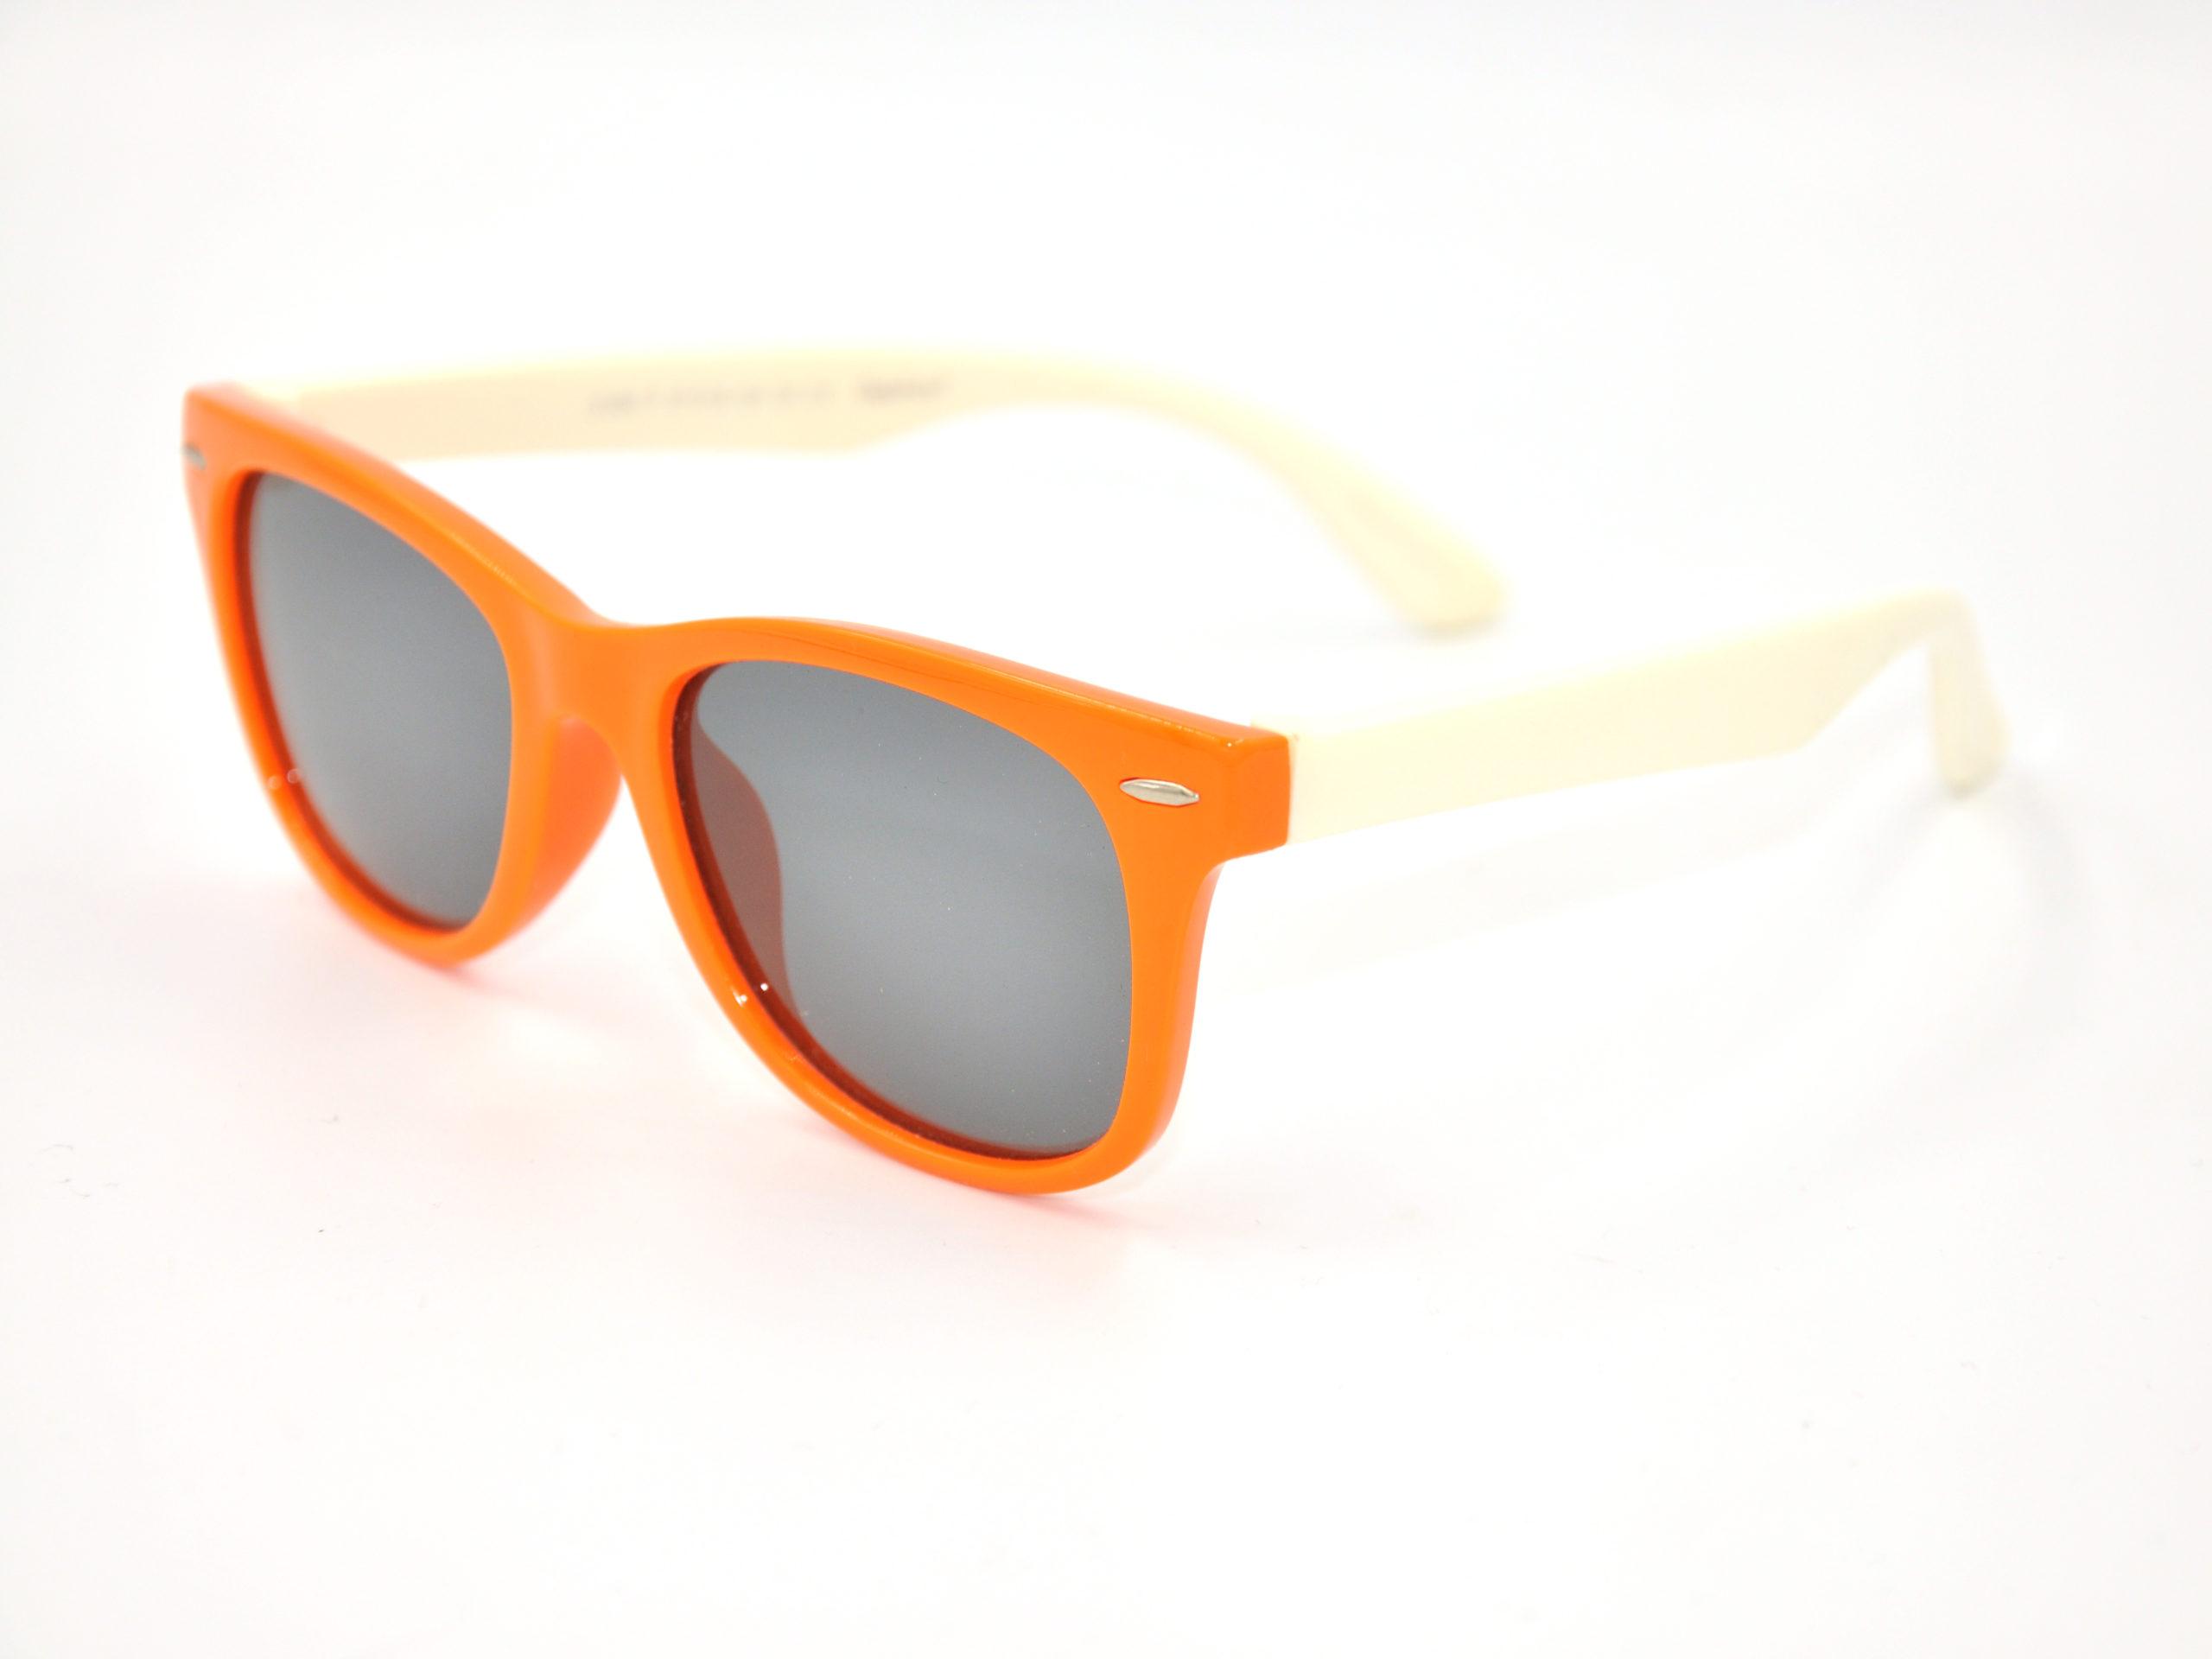 QUADRANT S886 P8 Sunglasses 2018